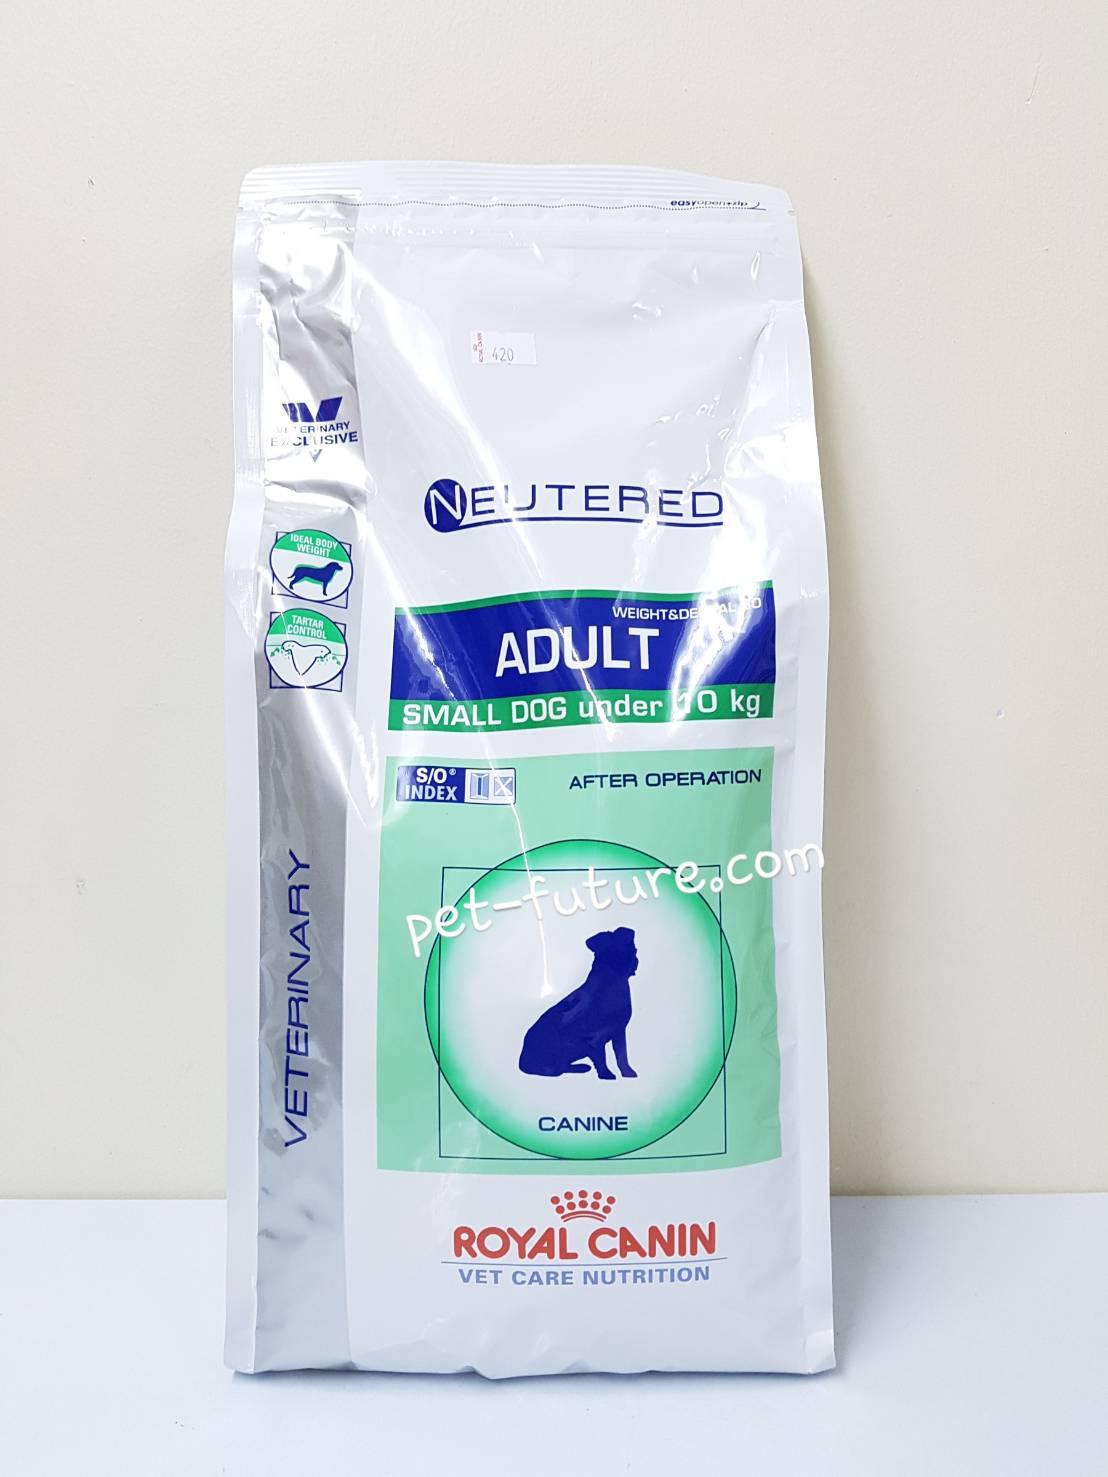 vcn neutered adult small dog 1.5 kg. Exp.12/18 สำหรับสุนัขพันธ์เล็กทำหมันแล้ว แบบนั่ง